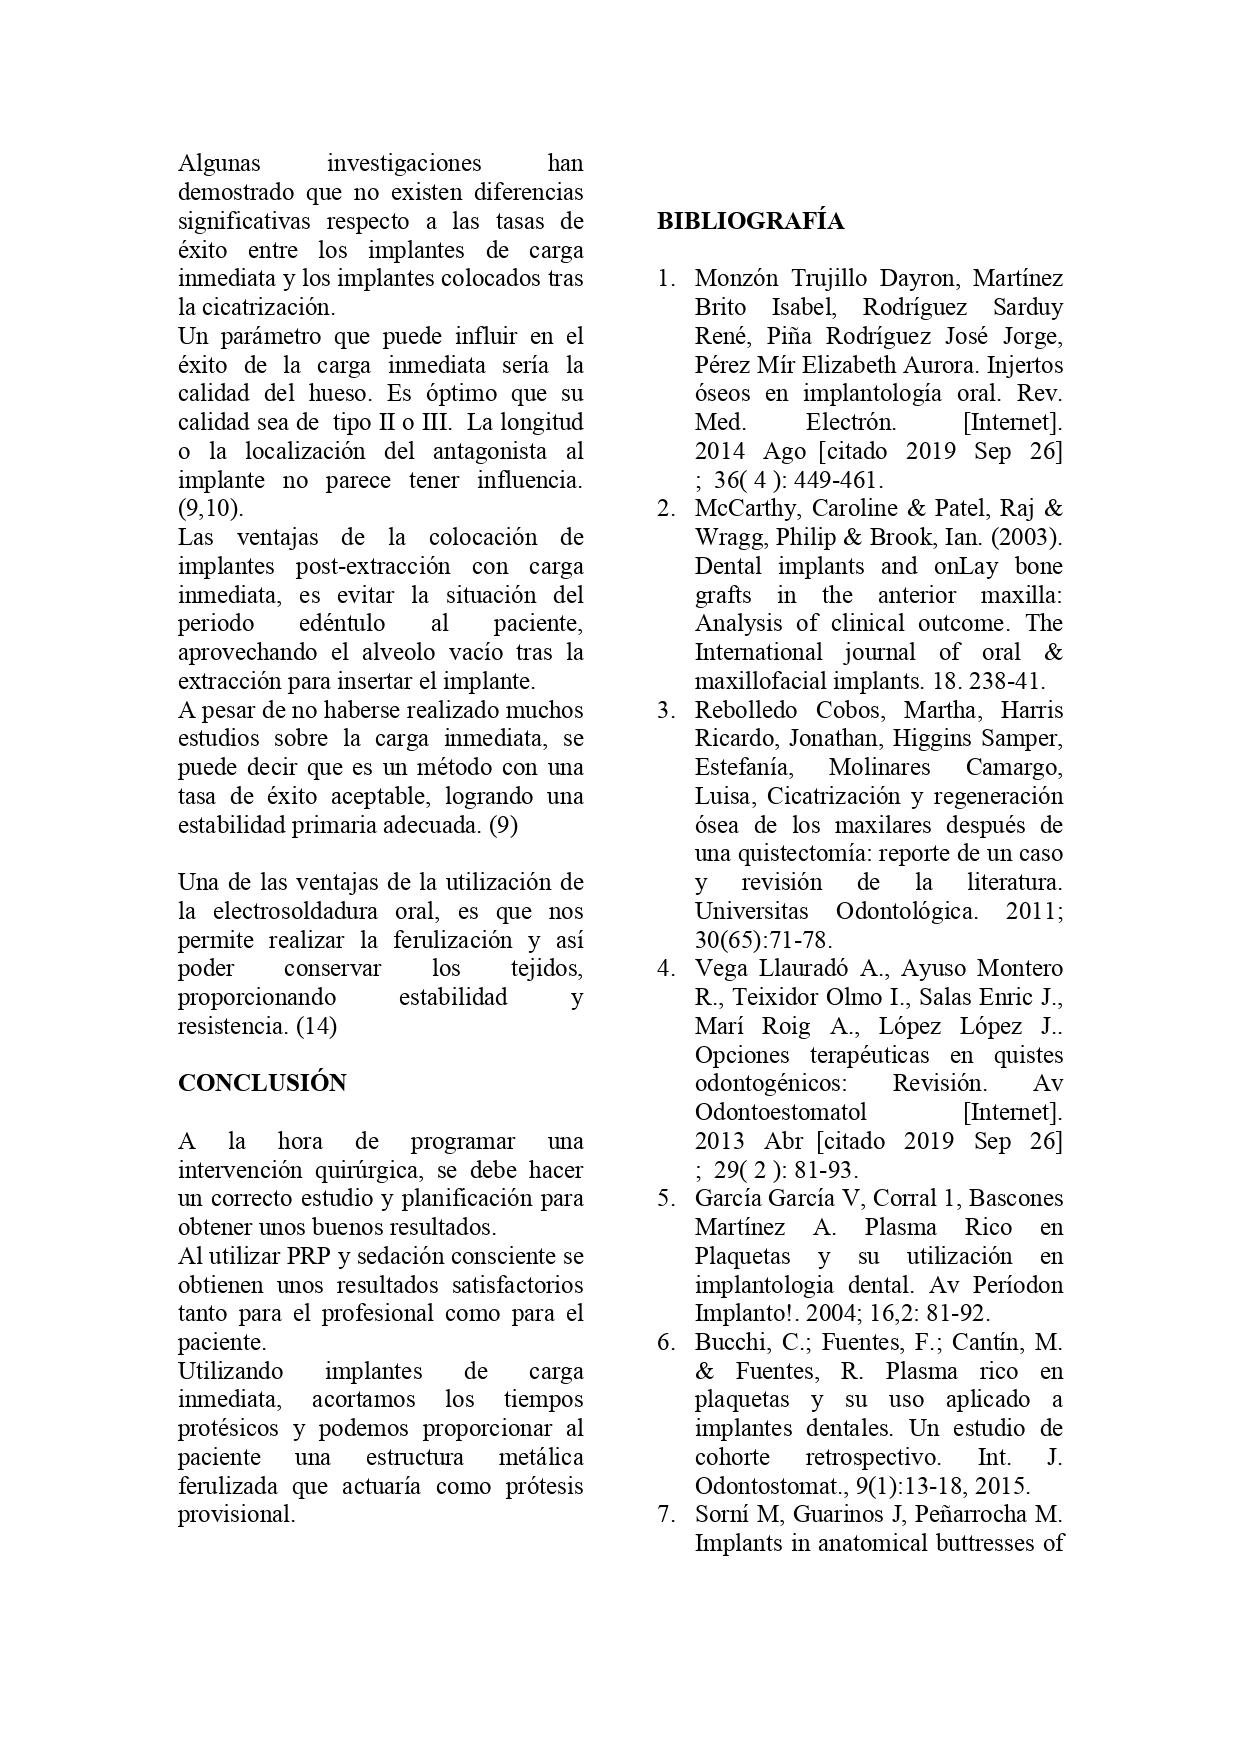 CASO-CLÍNICO-QUISTE-OK_page-0008